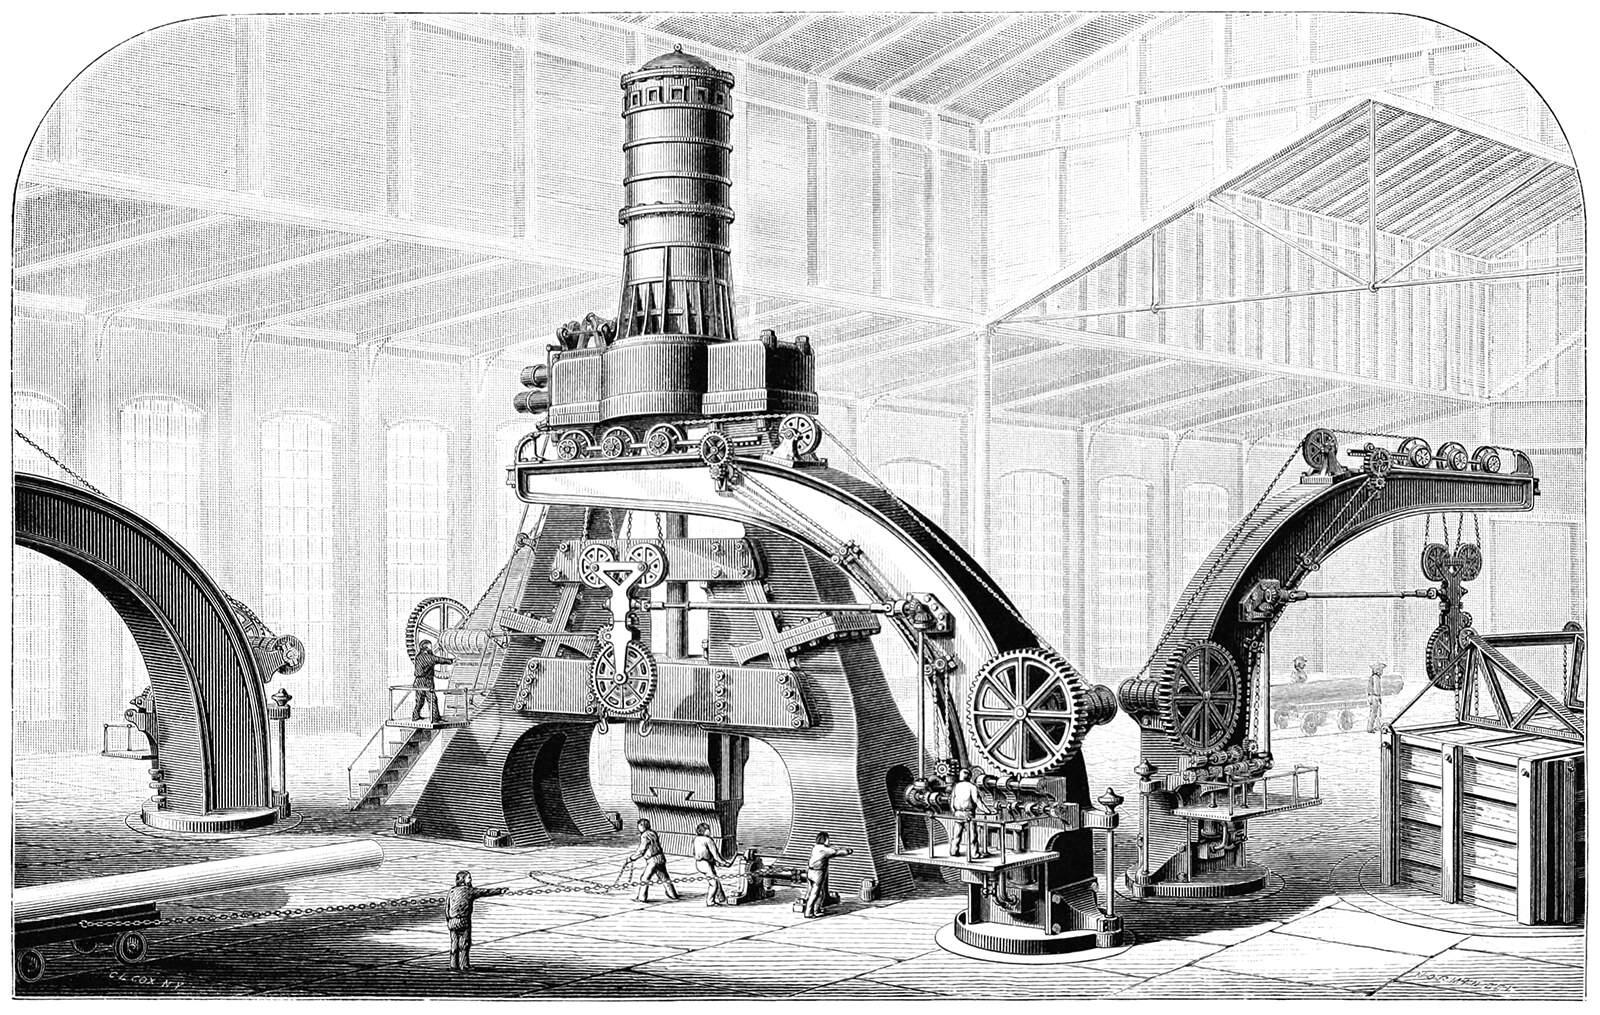 An enormous steam hammer